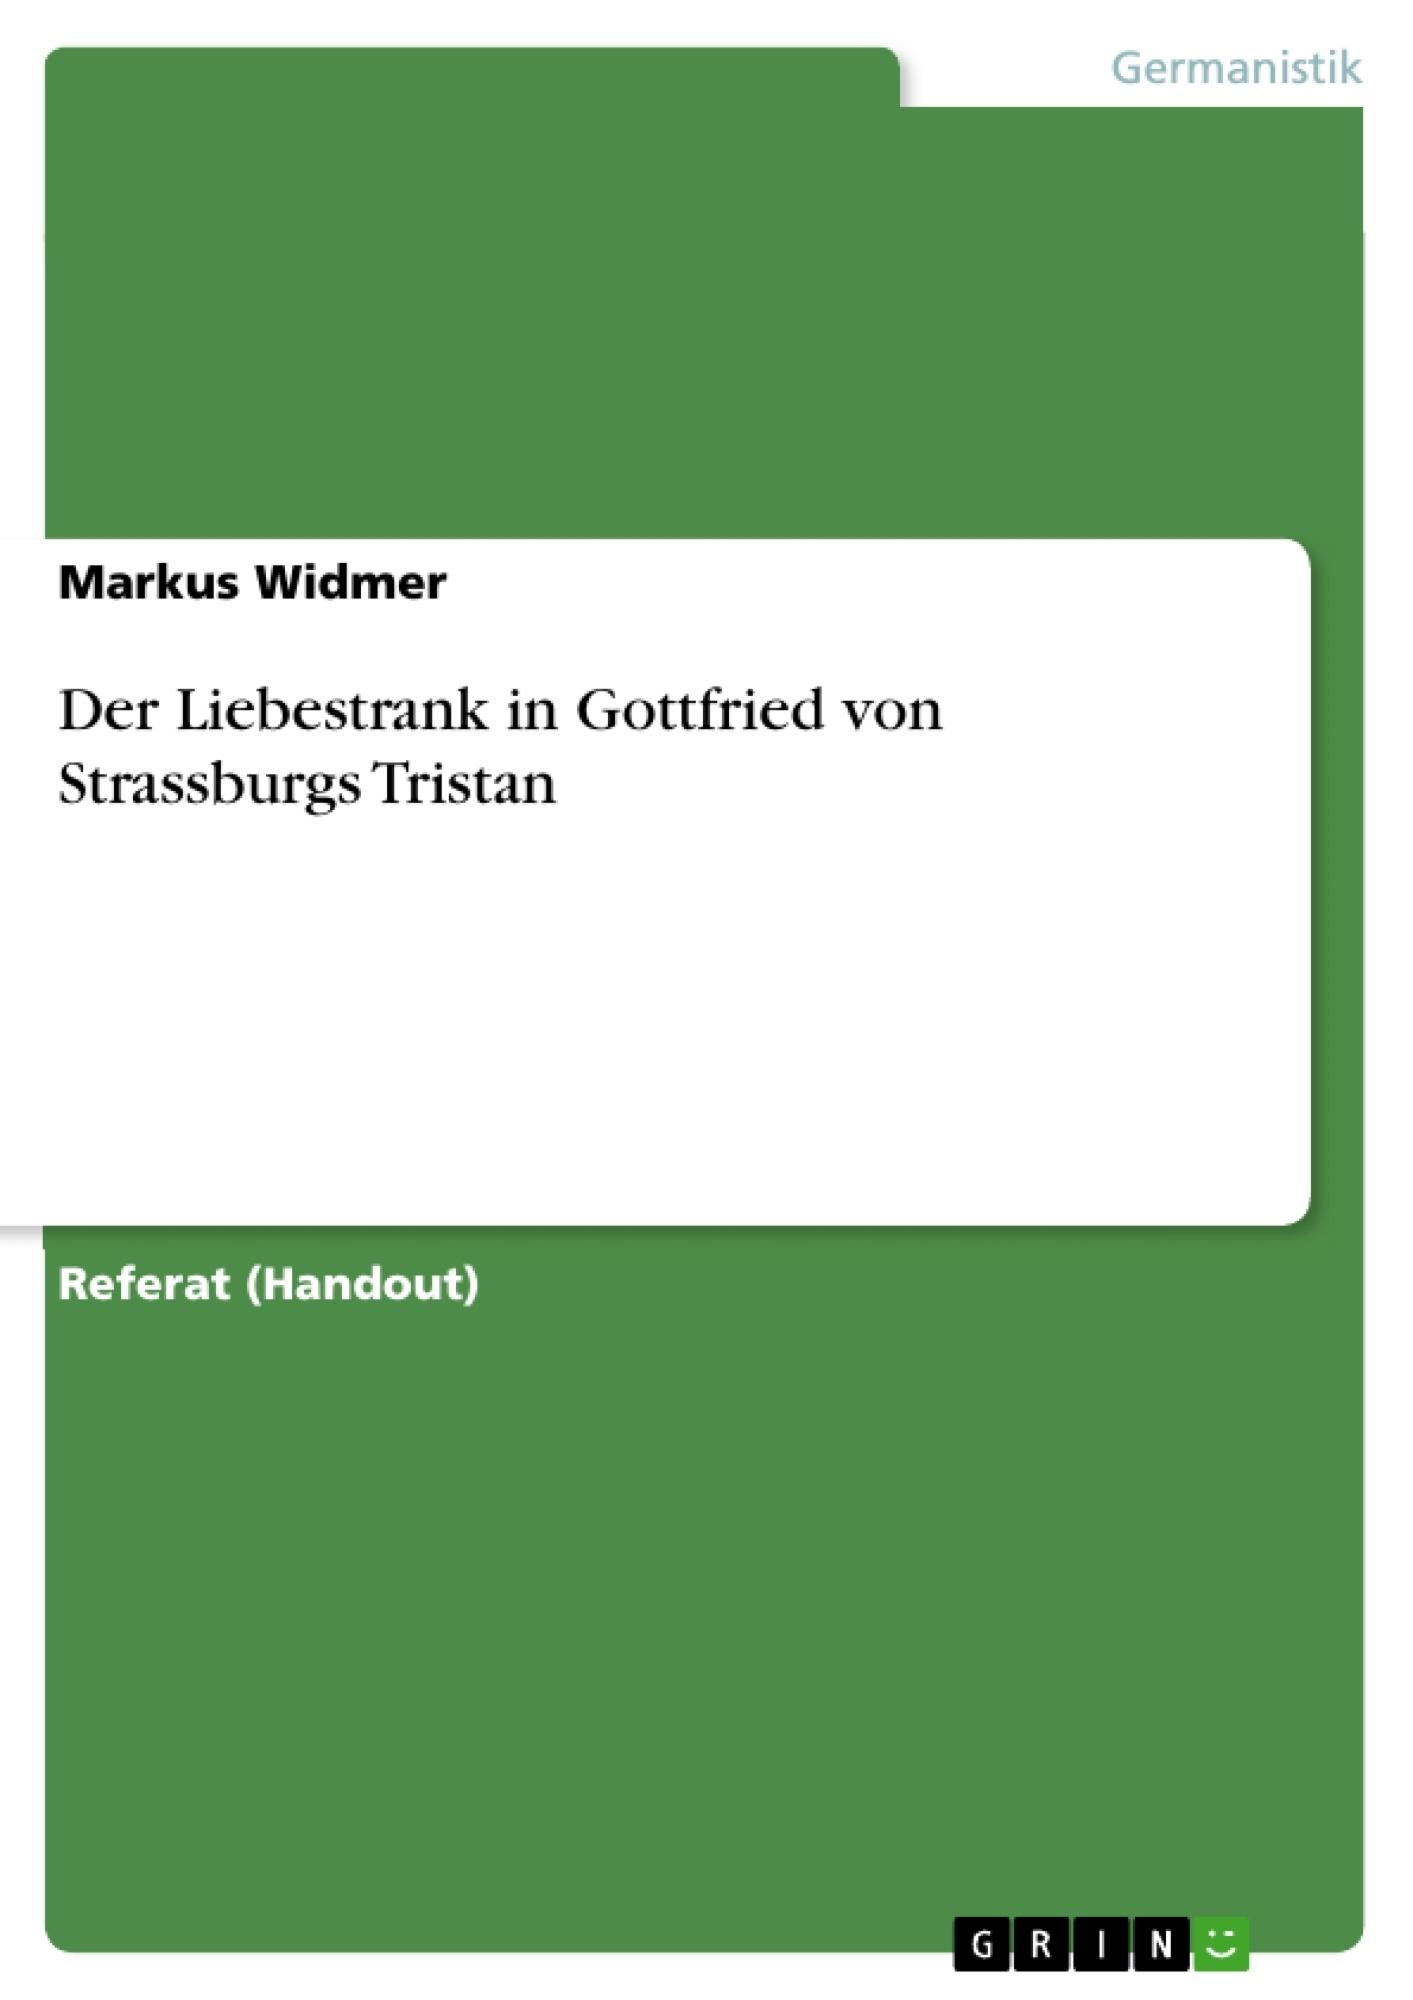 Titel: Der Liebestrank in Gottfried von Strassburgs Tristan